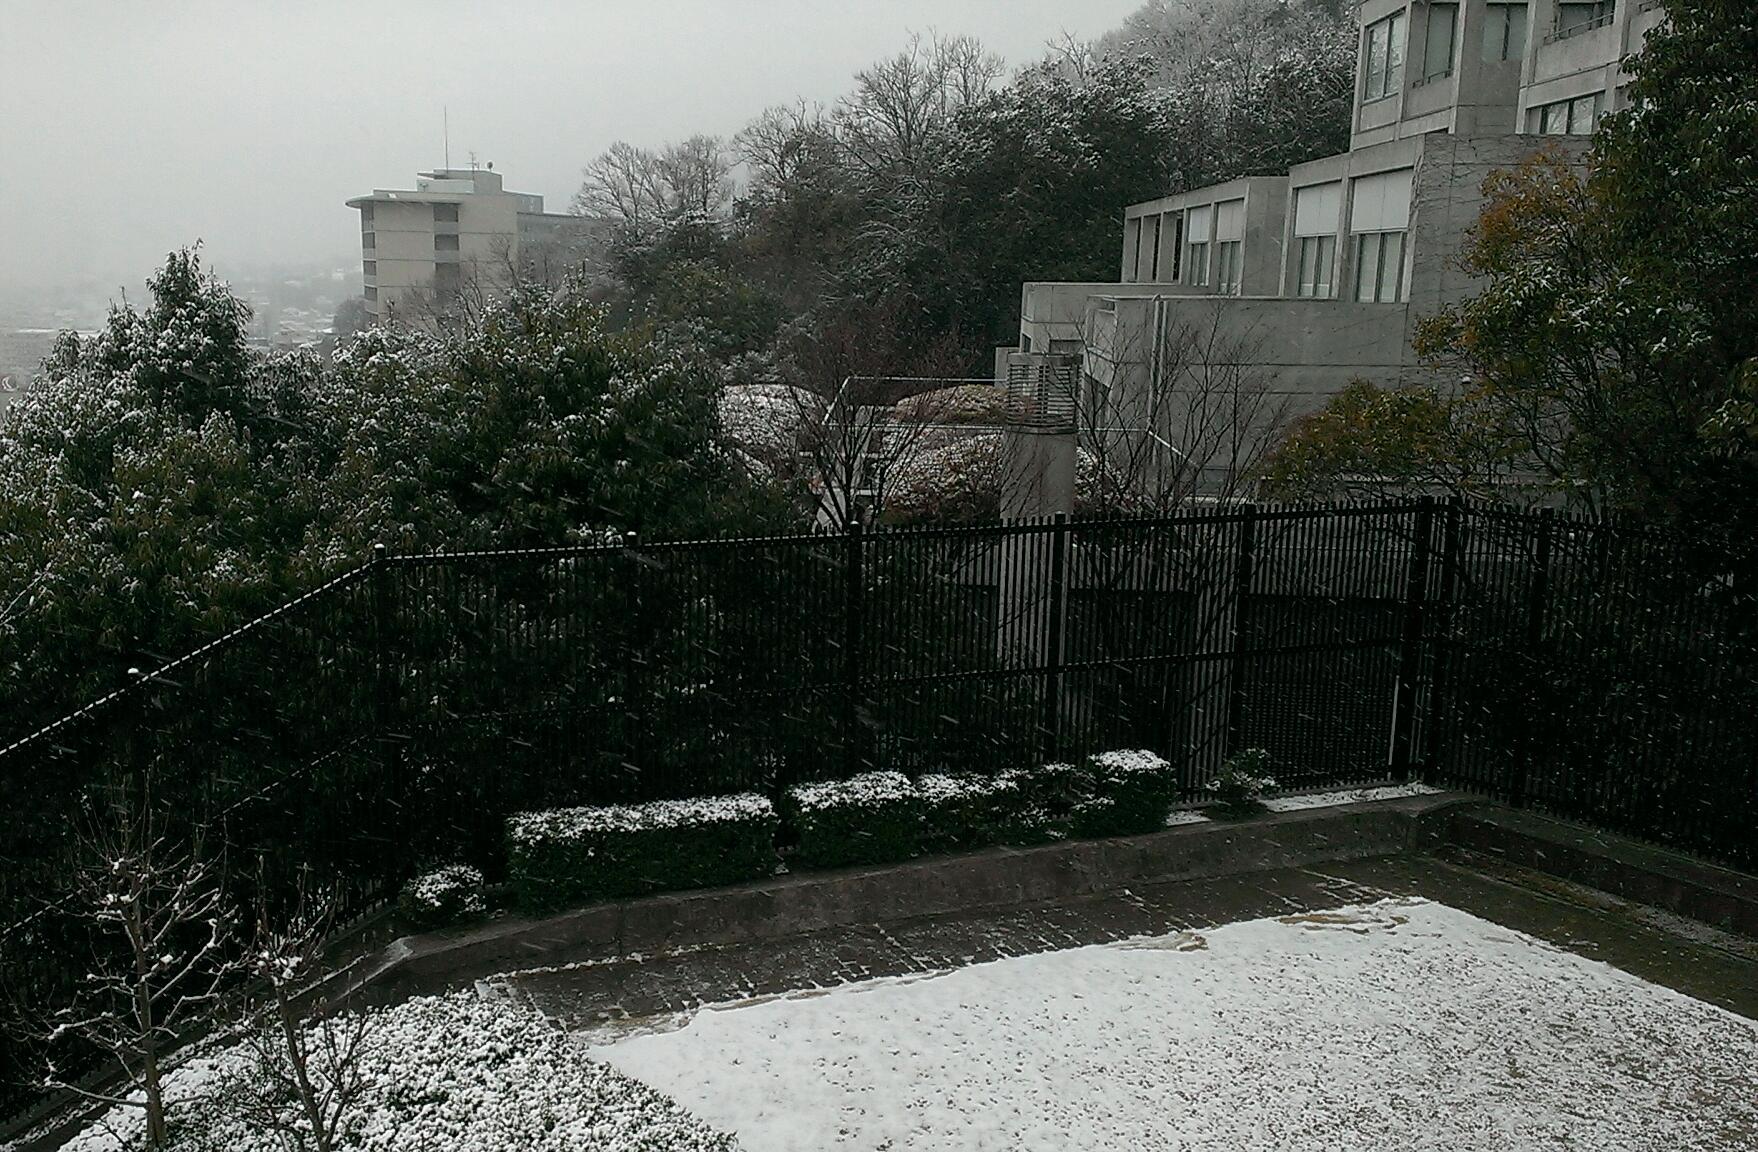 雪国かな?